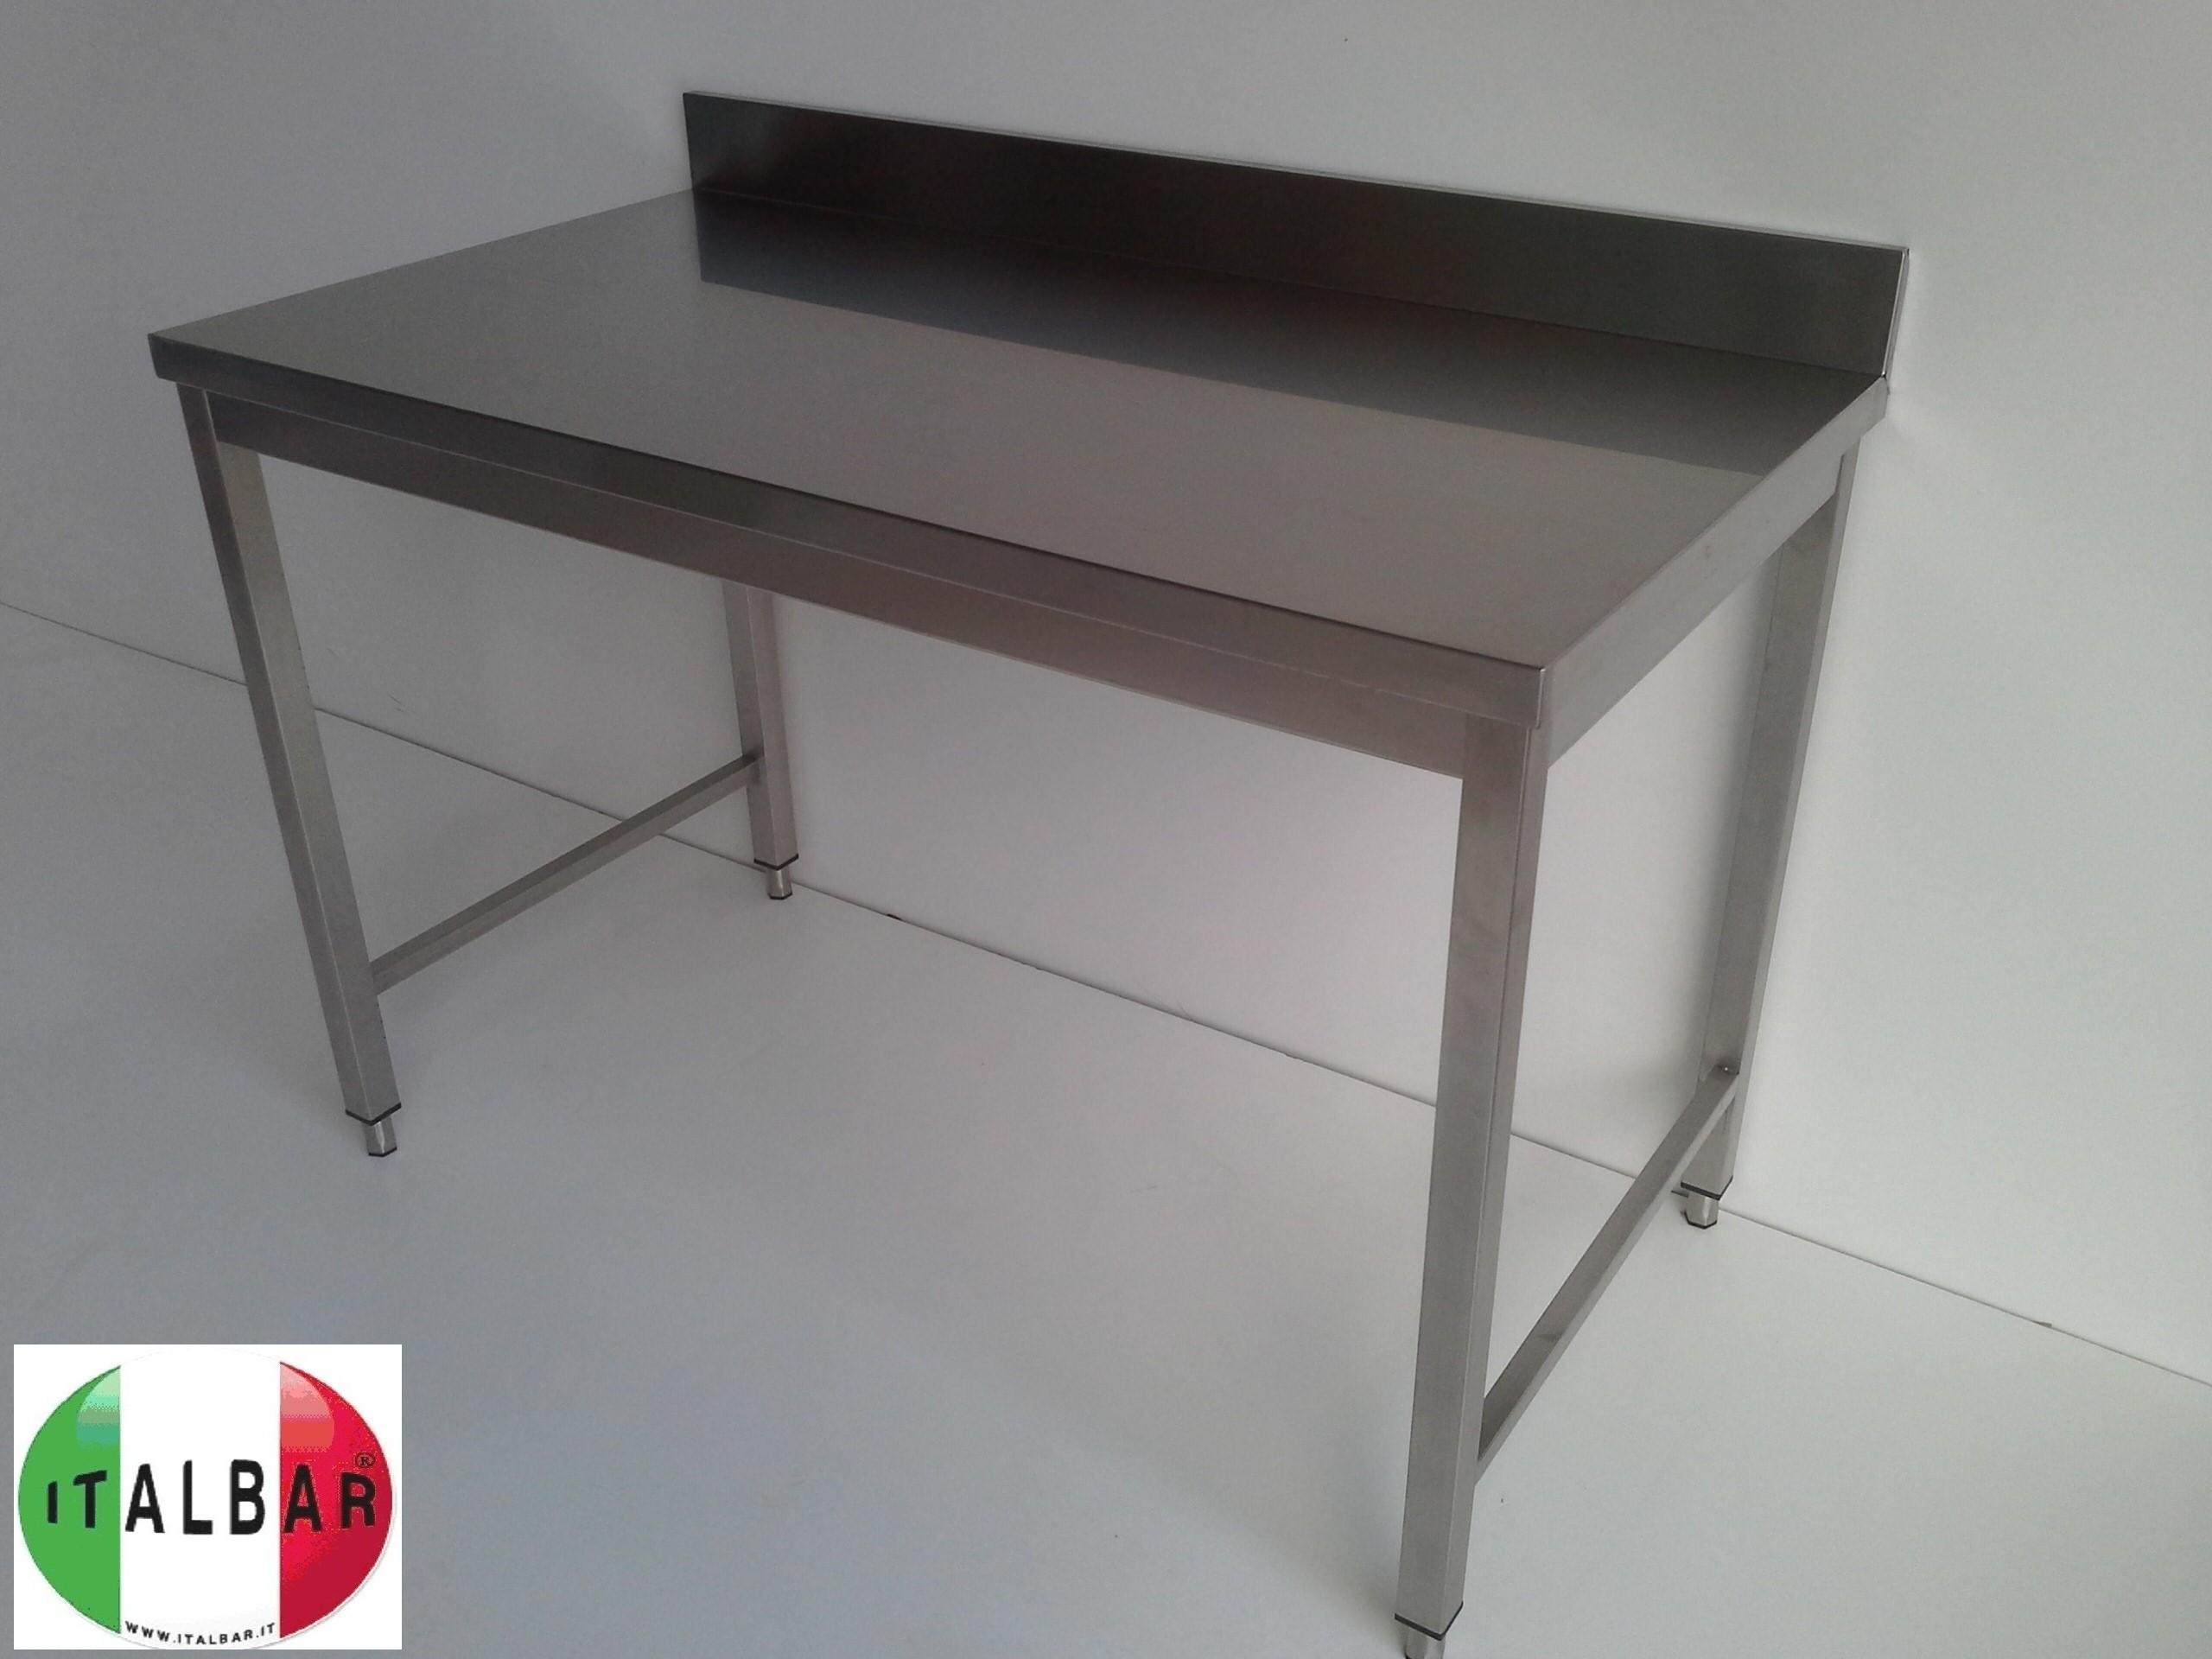 Lavagne cucina - Tavolo in acciaio inox usato ...